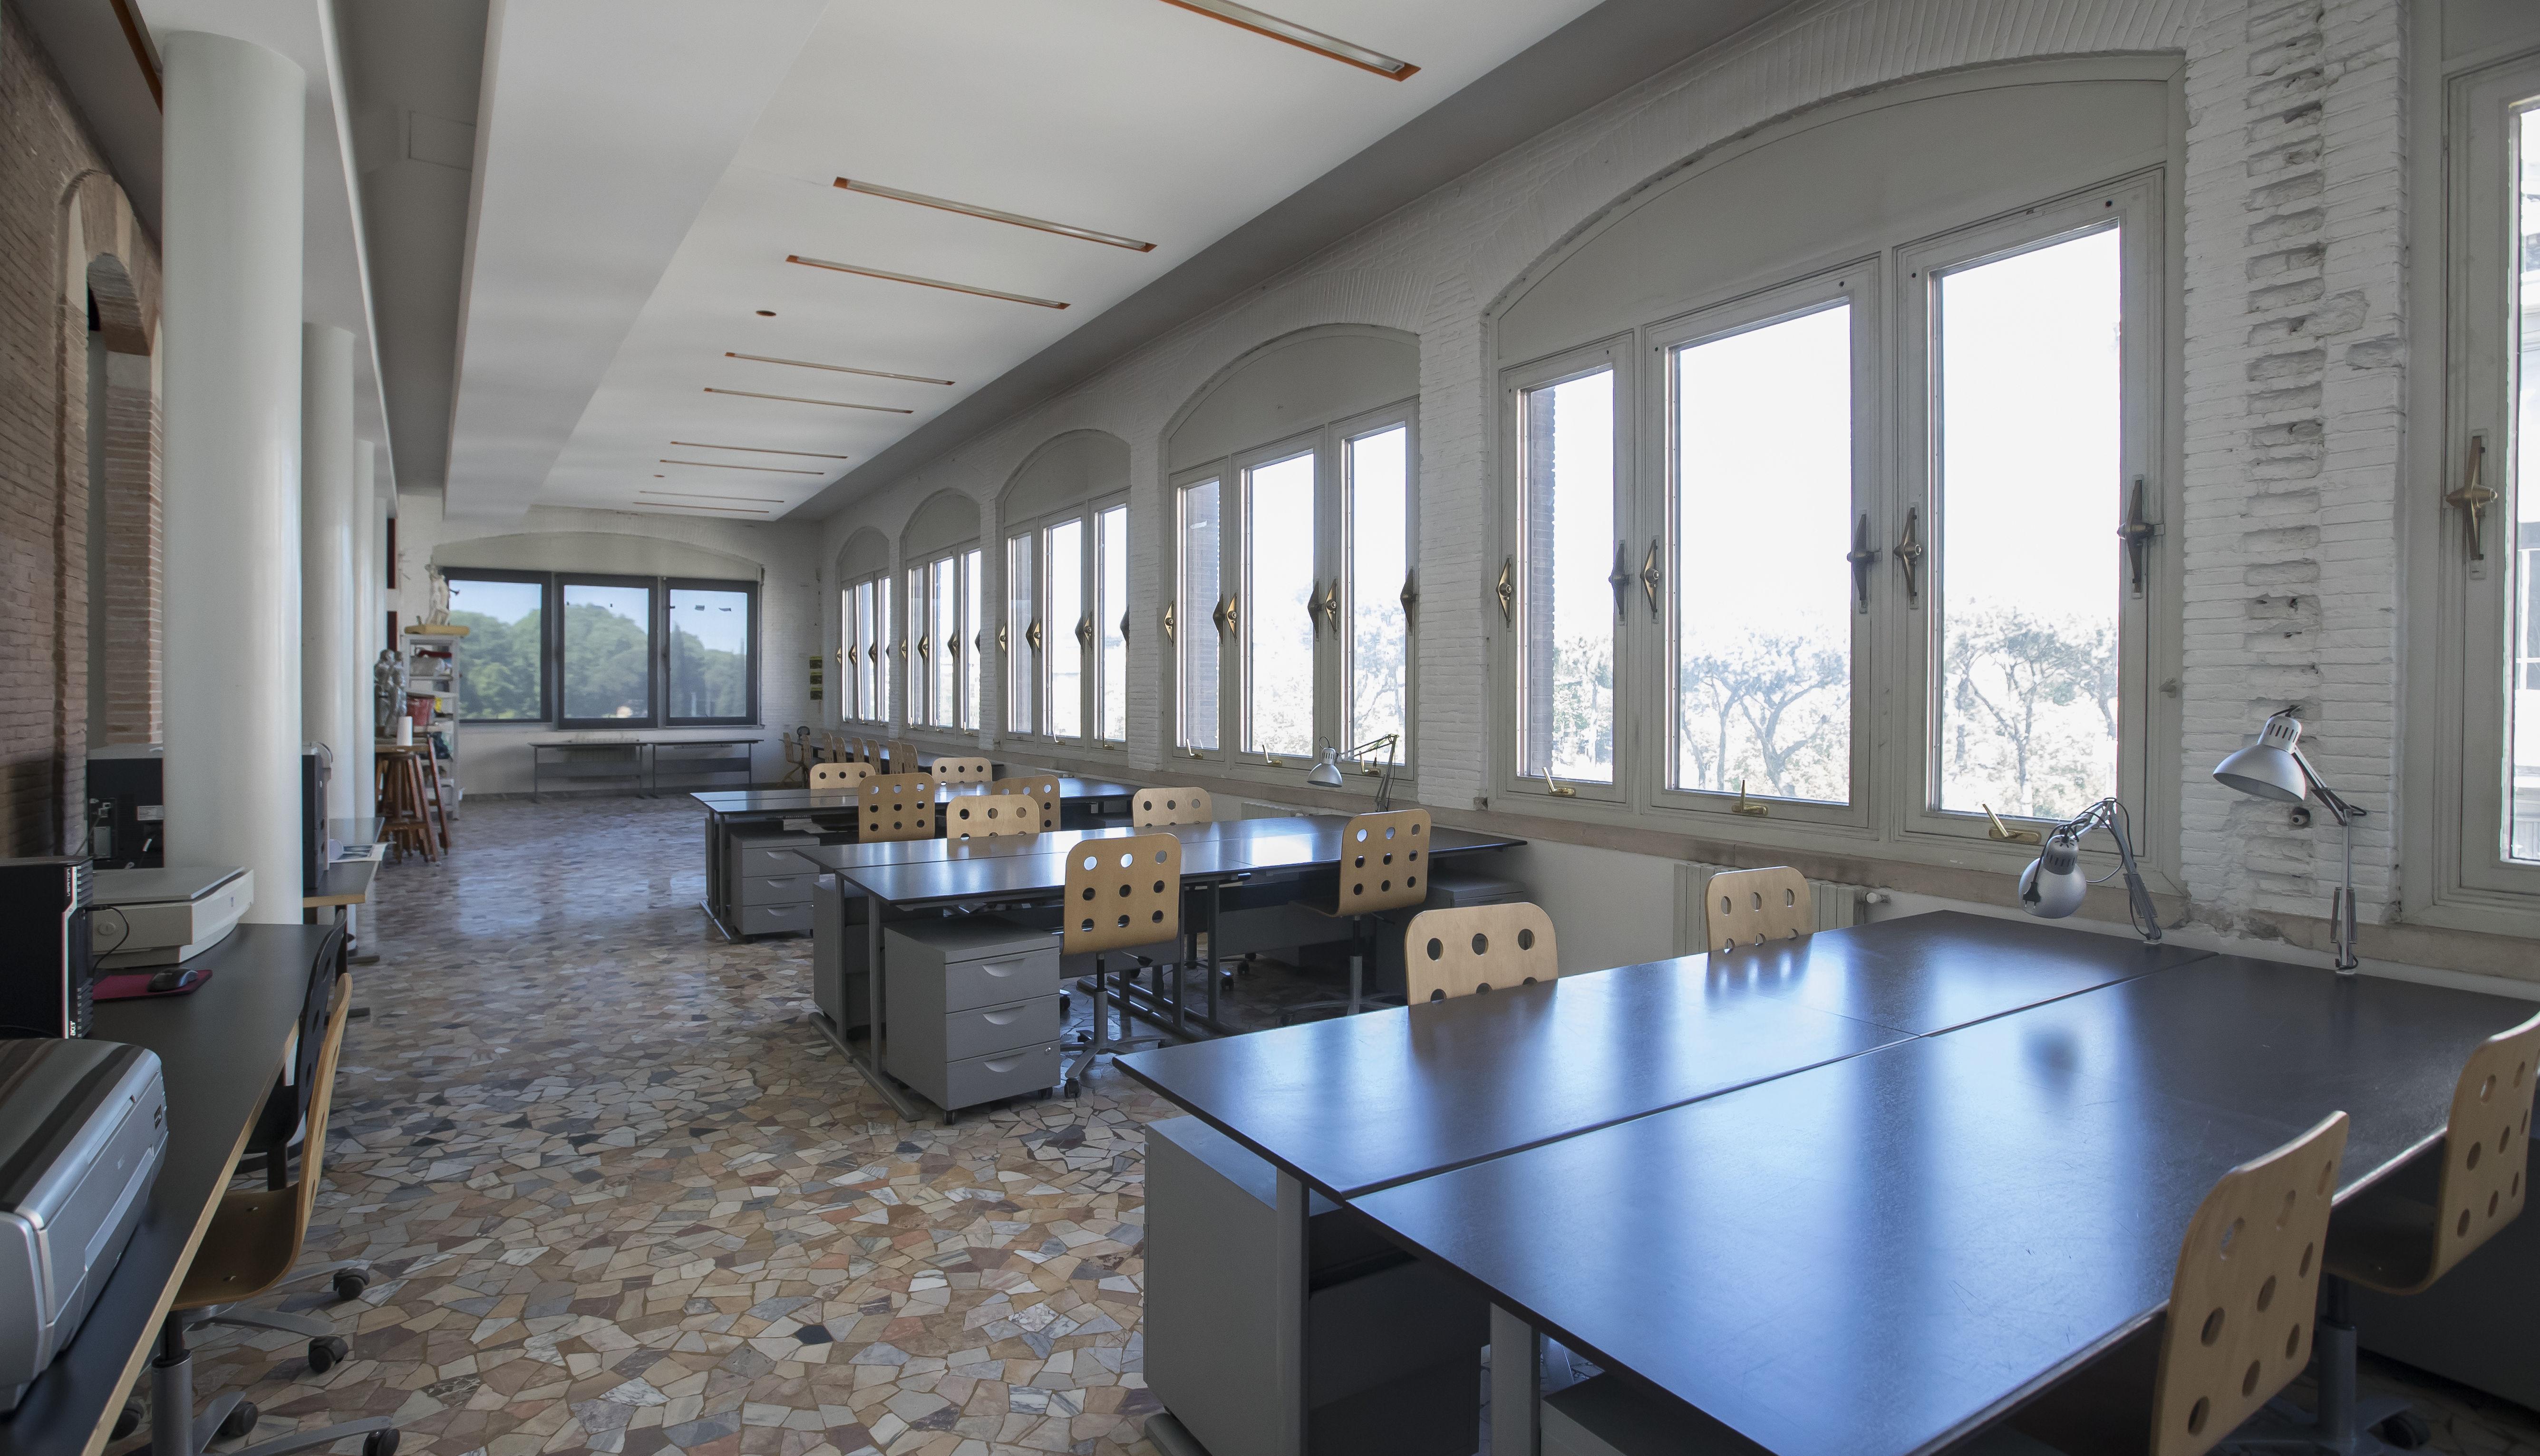 Temple Rome Architecture Studio